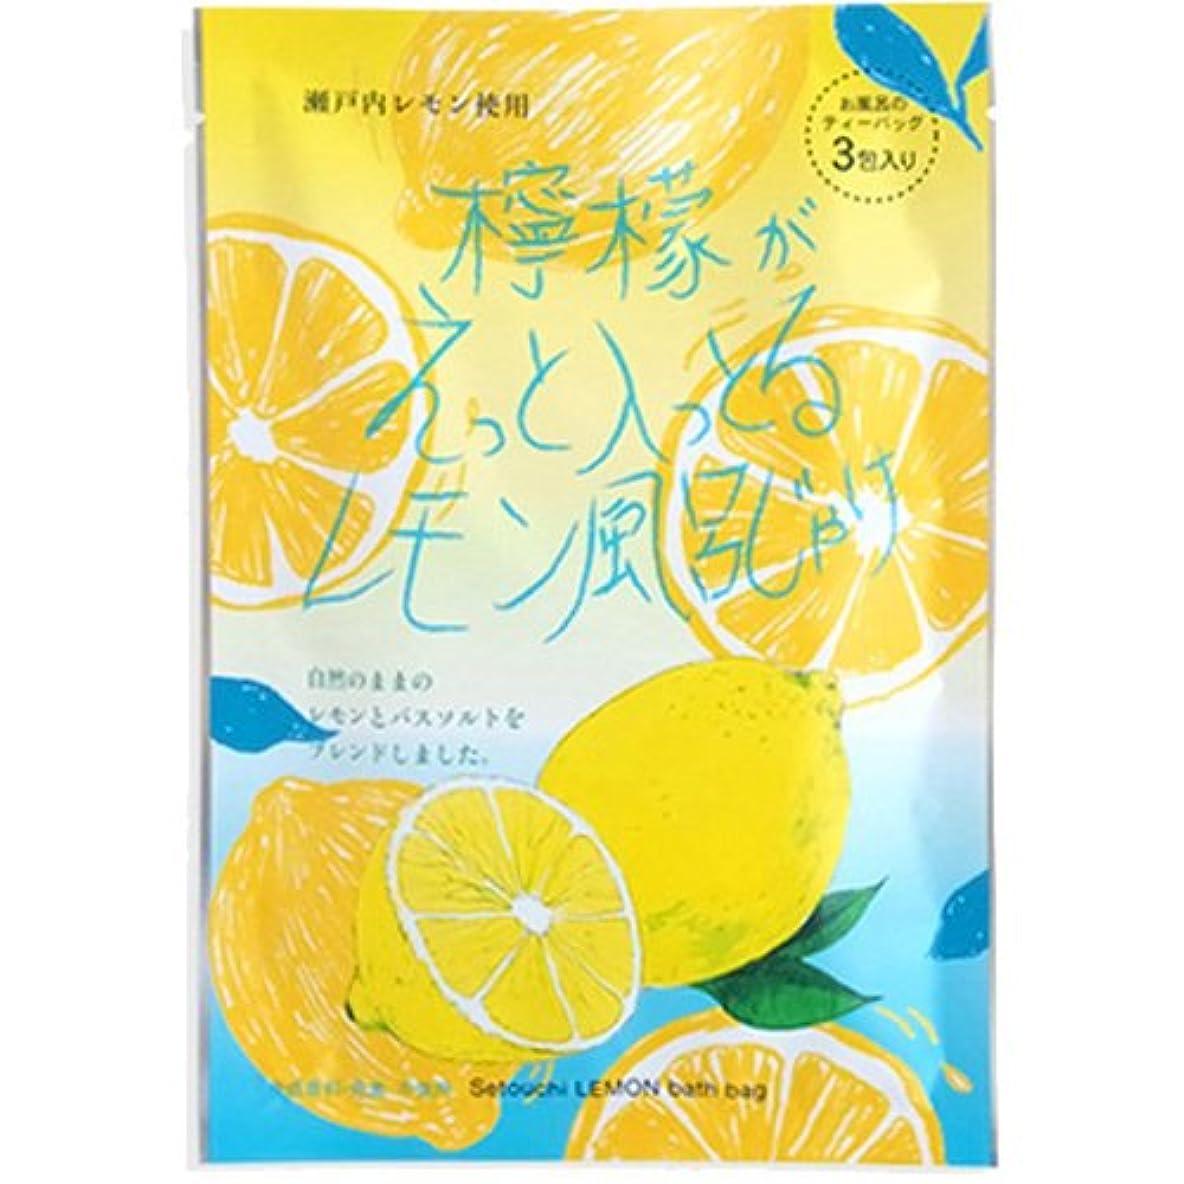 ソビエトこねる透明に檸檬がえっと入っとるレモン風呂じゃけ